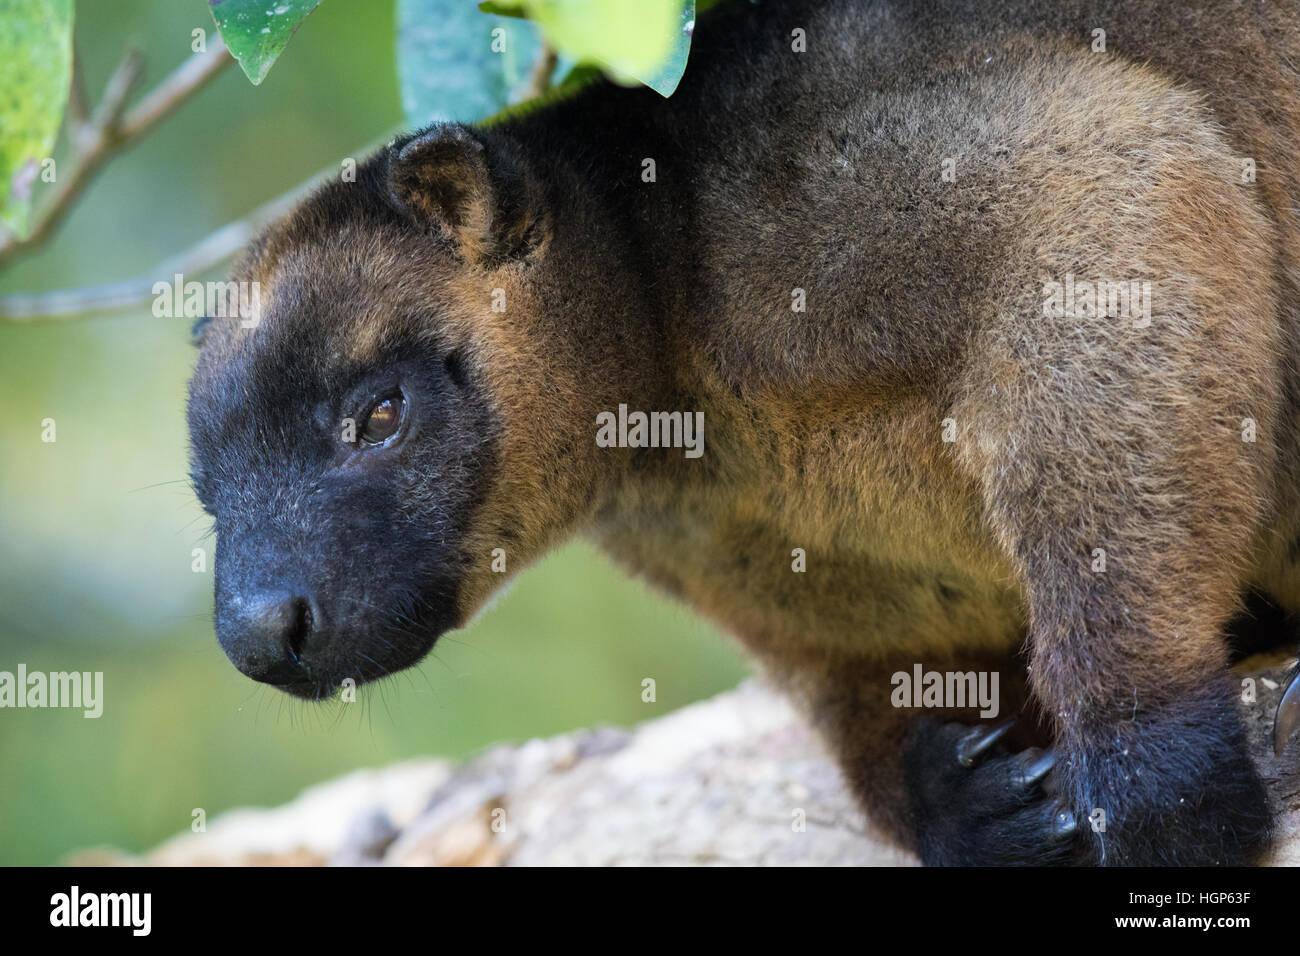 male Lumholtz's Tree Kangaroo (Dendrolagus lumholtzi) - Stock Image